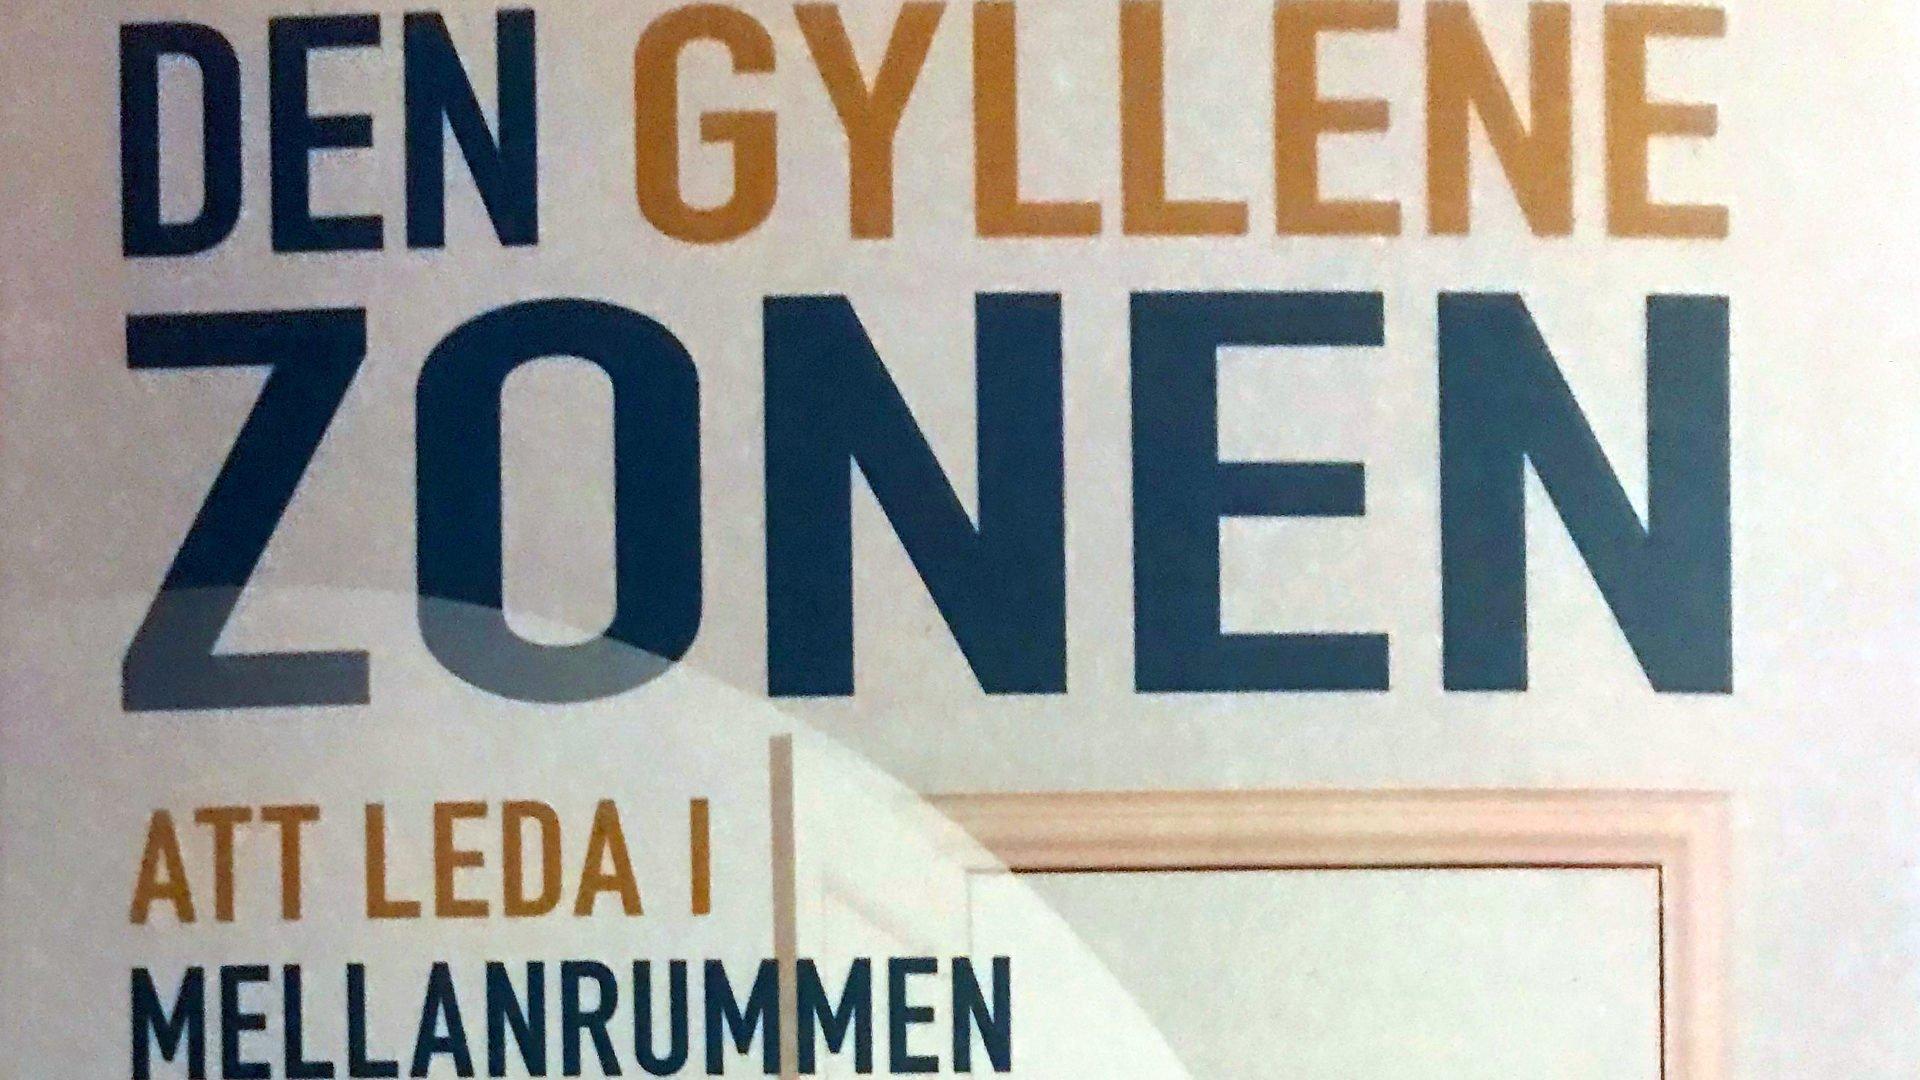 Den-Gyllene-Zonen-16-9